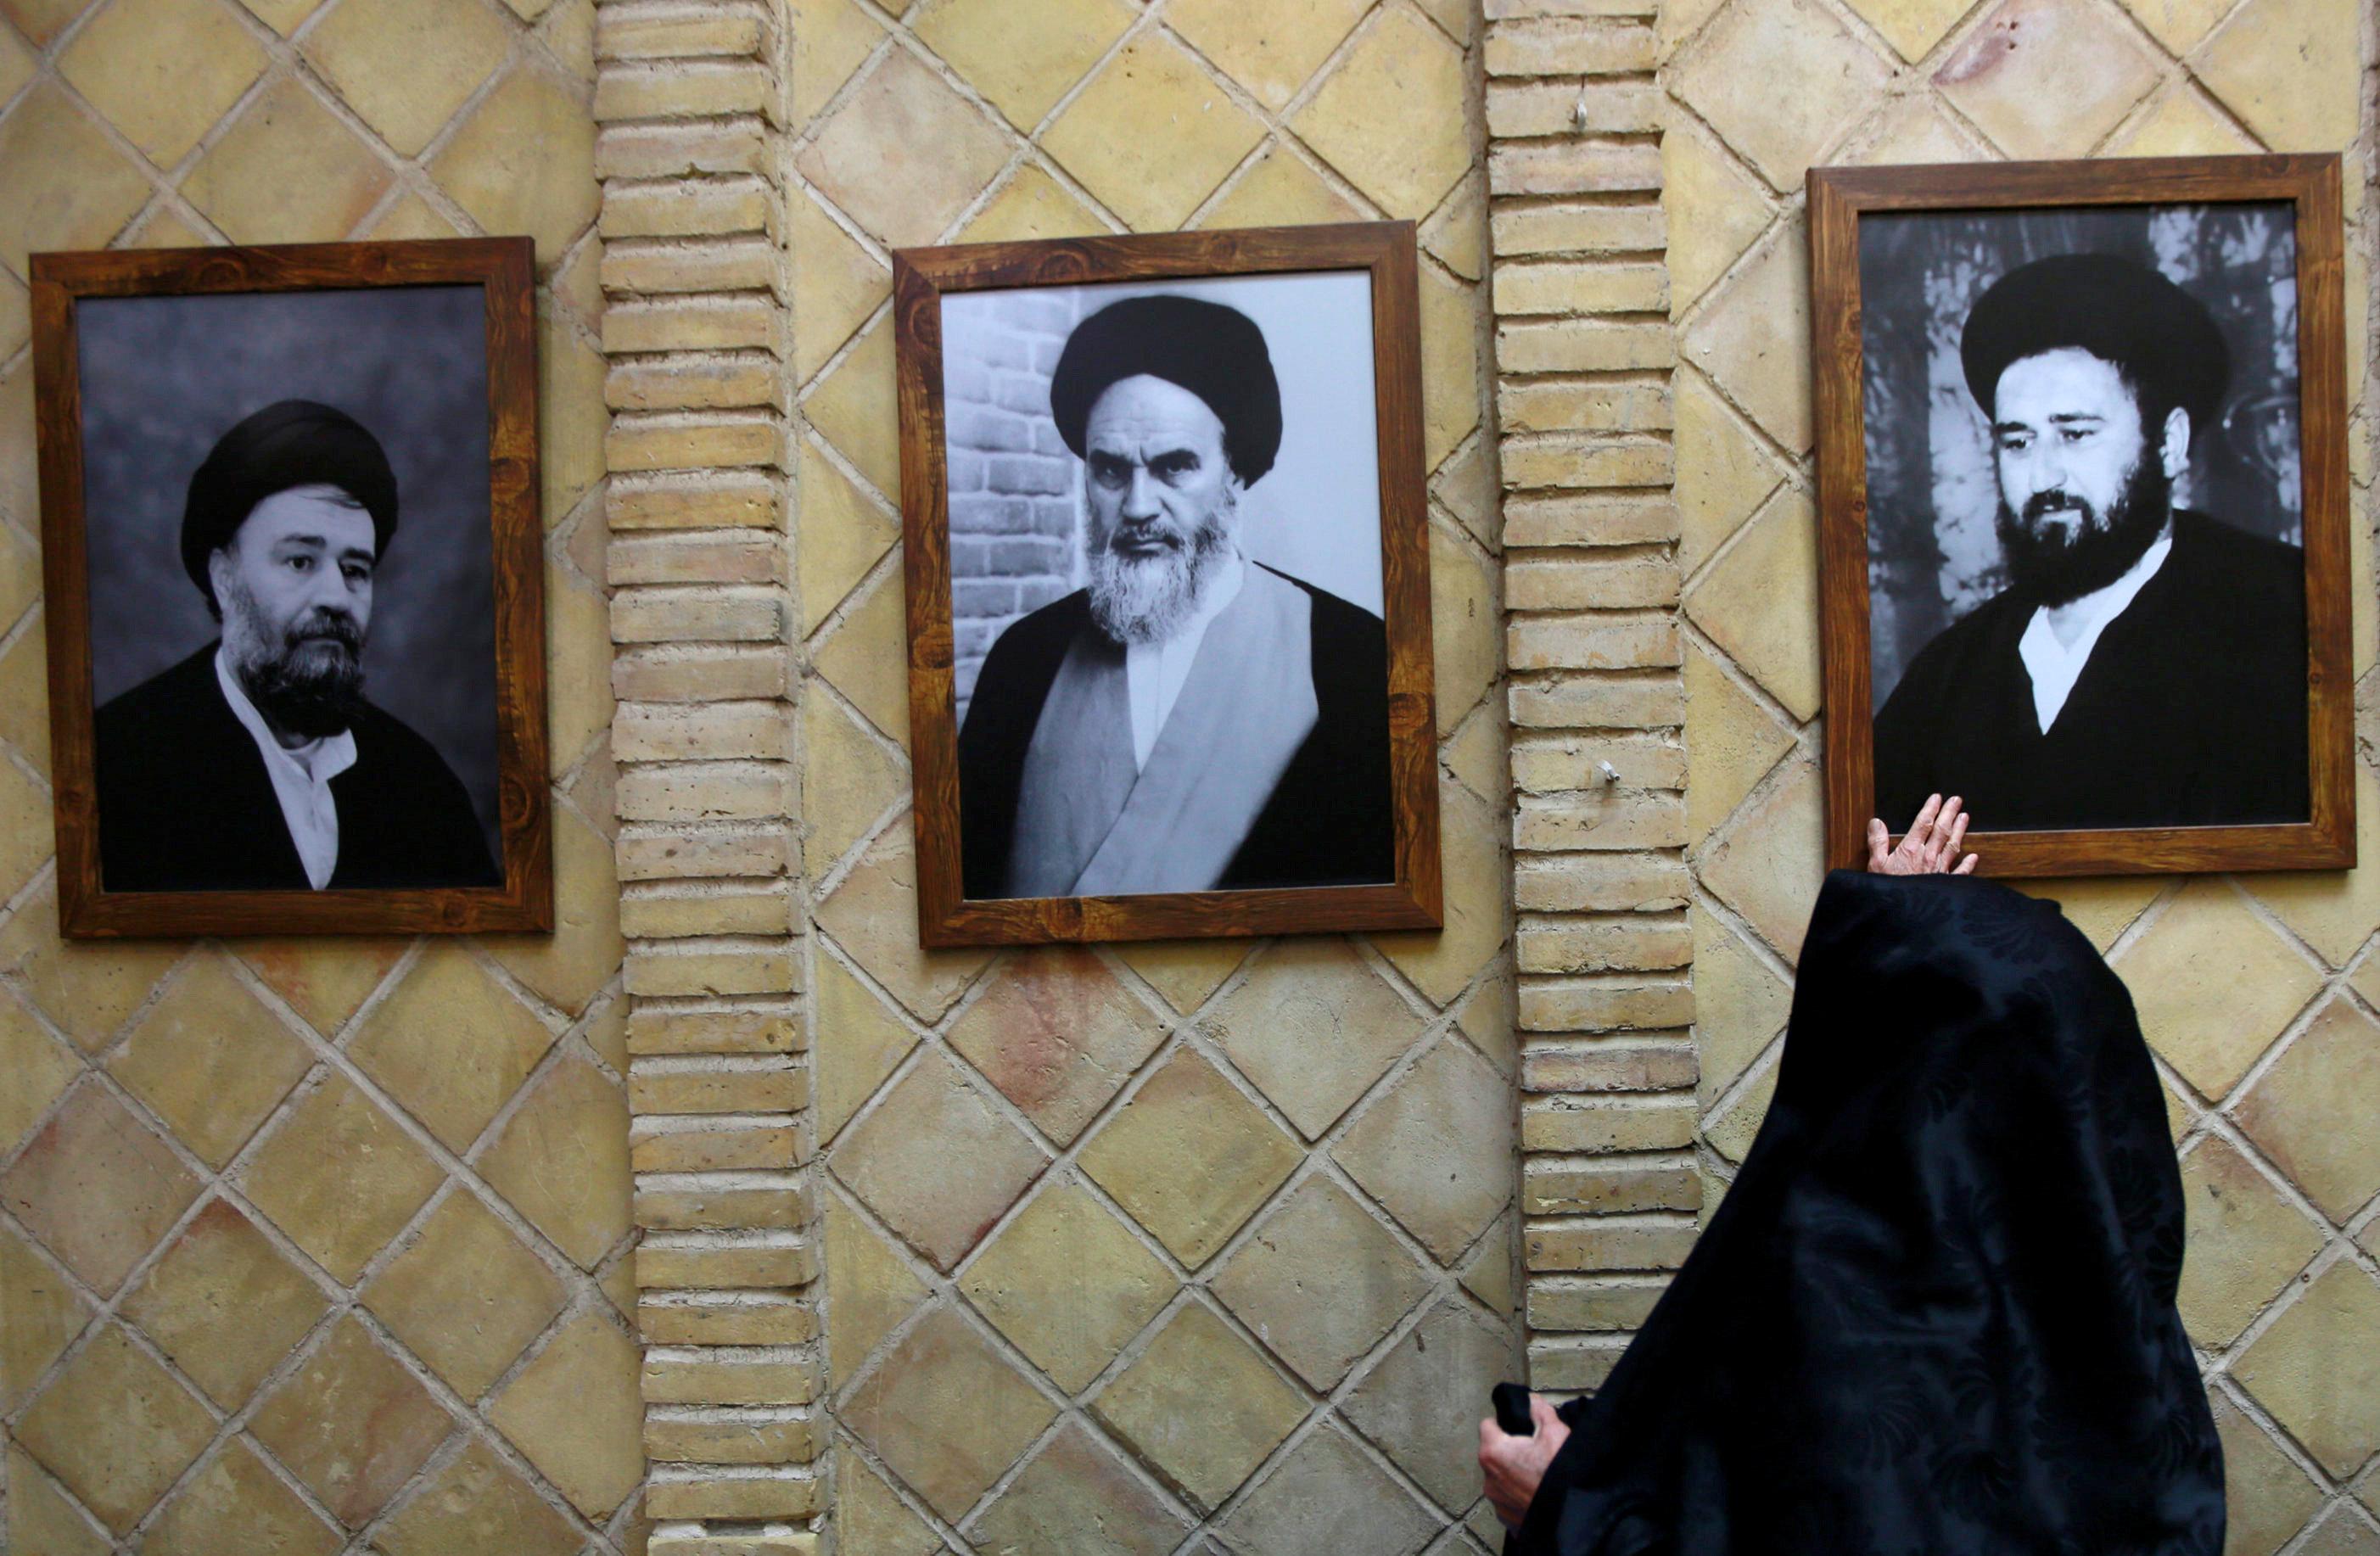 سيدة إيرانية تتبرك بصورة أحد مرشدى الثورة الإيرانية بمنزل الخمينى